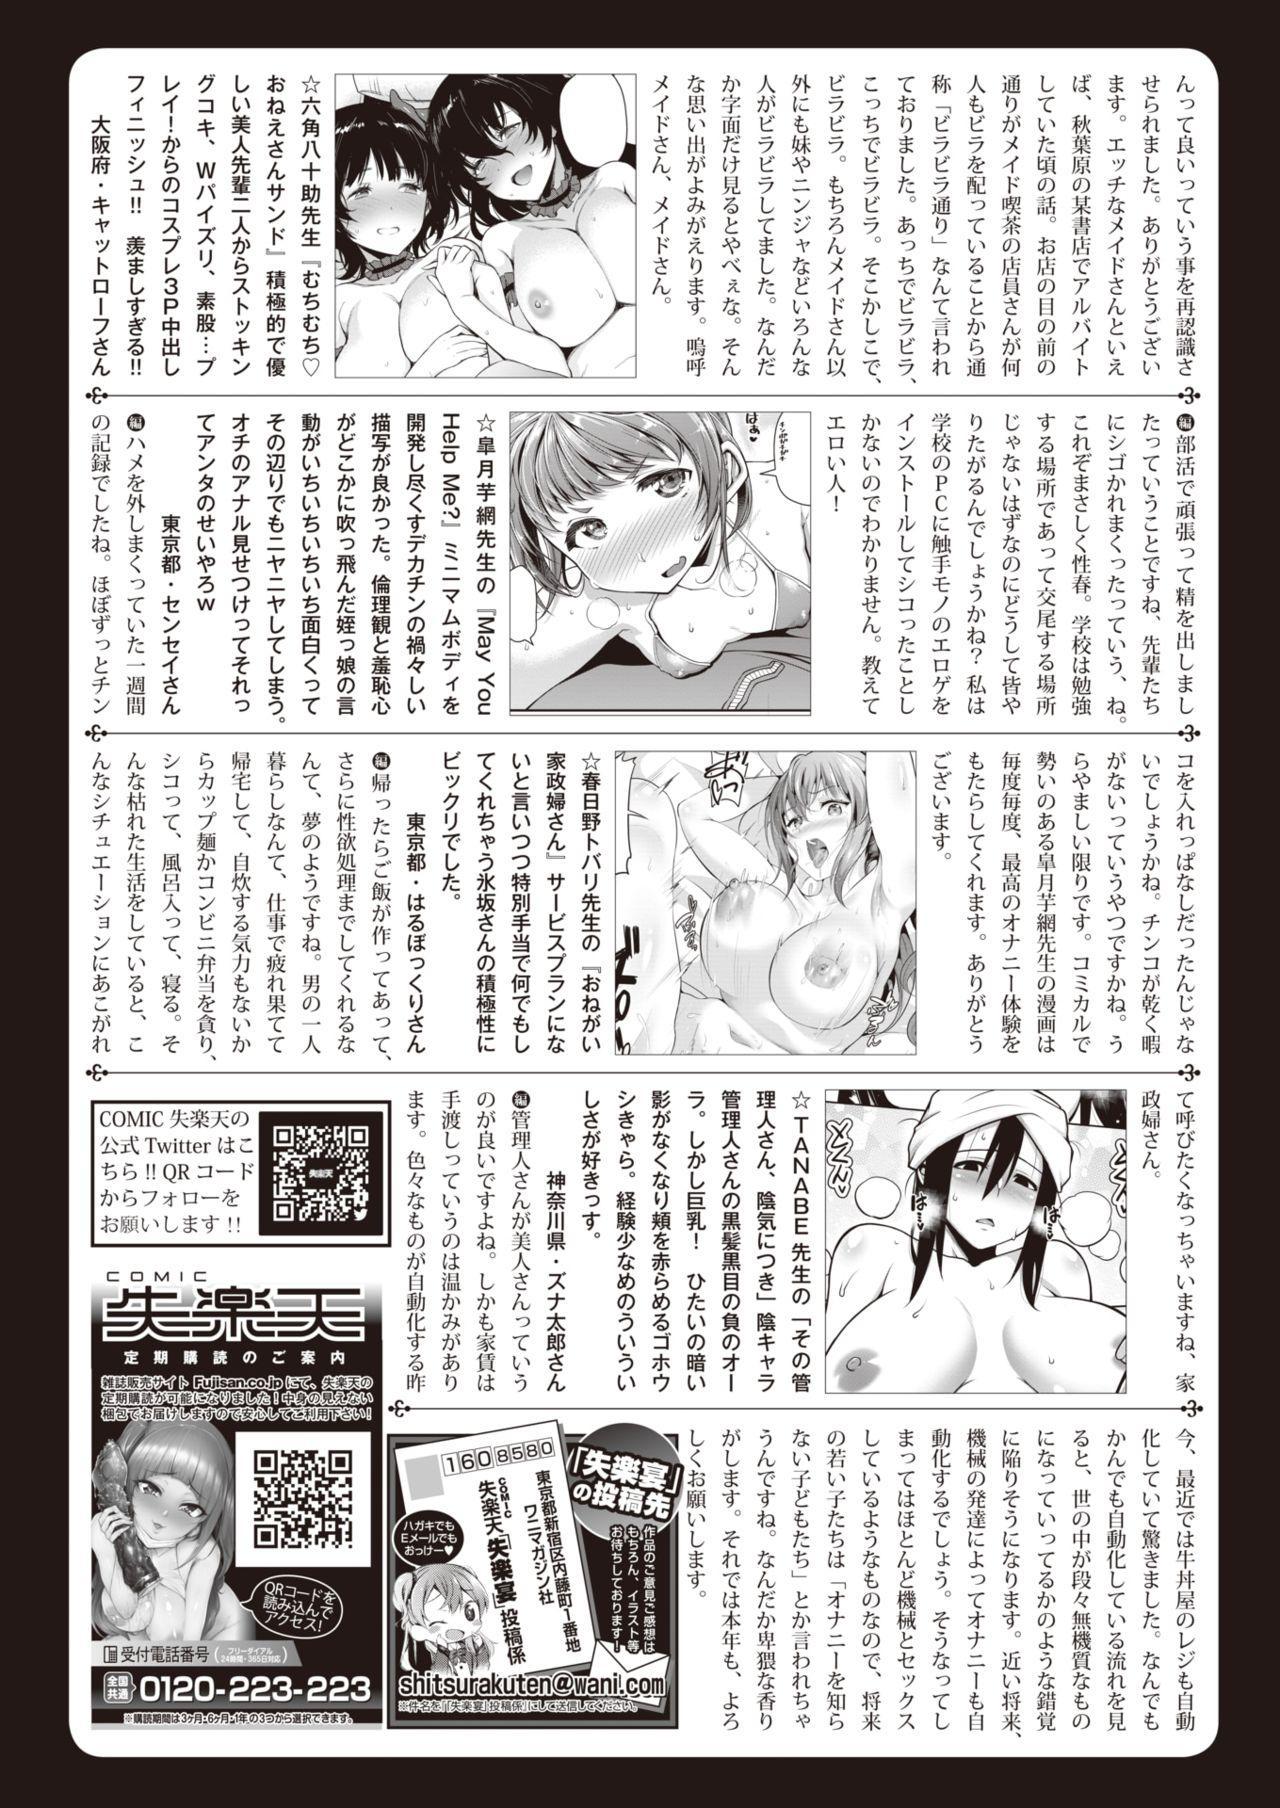 COMIC Shitsurakuten 2020-04 333